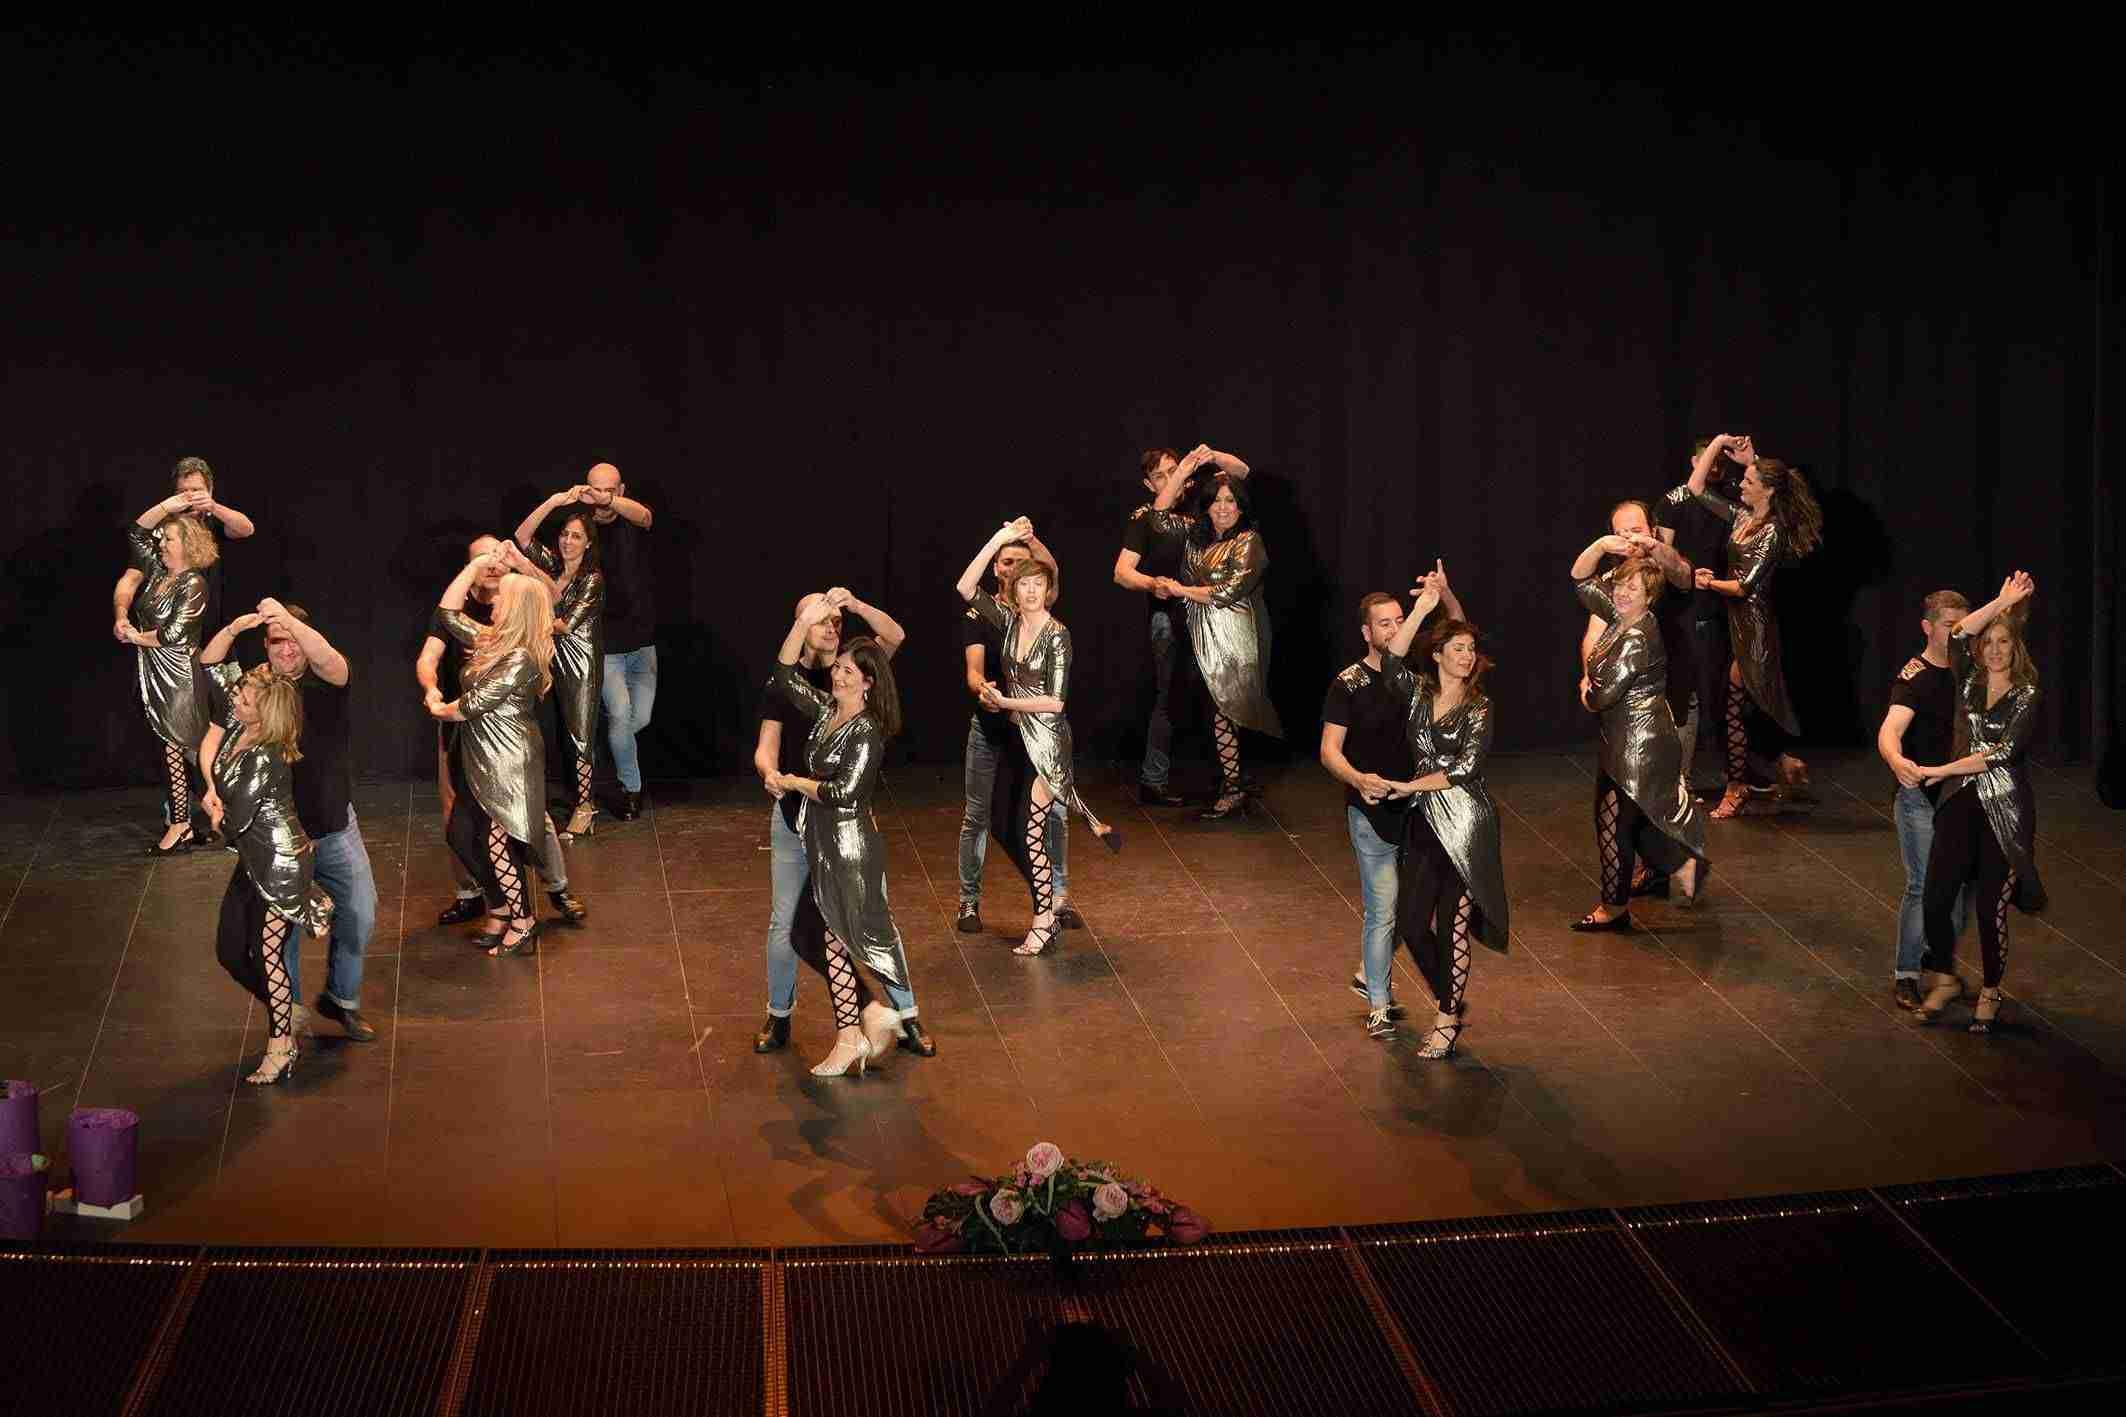 20180311_Acto Institu Dia Mujer_Baile_AdeAlba 1